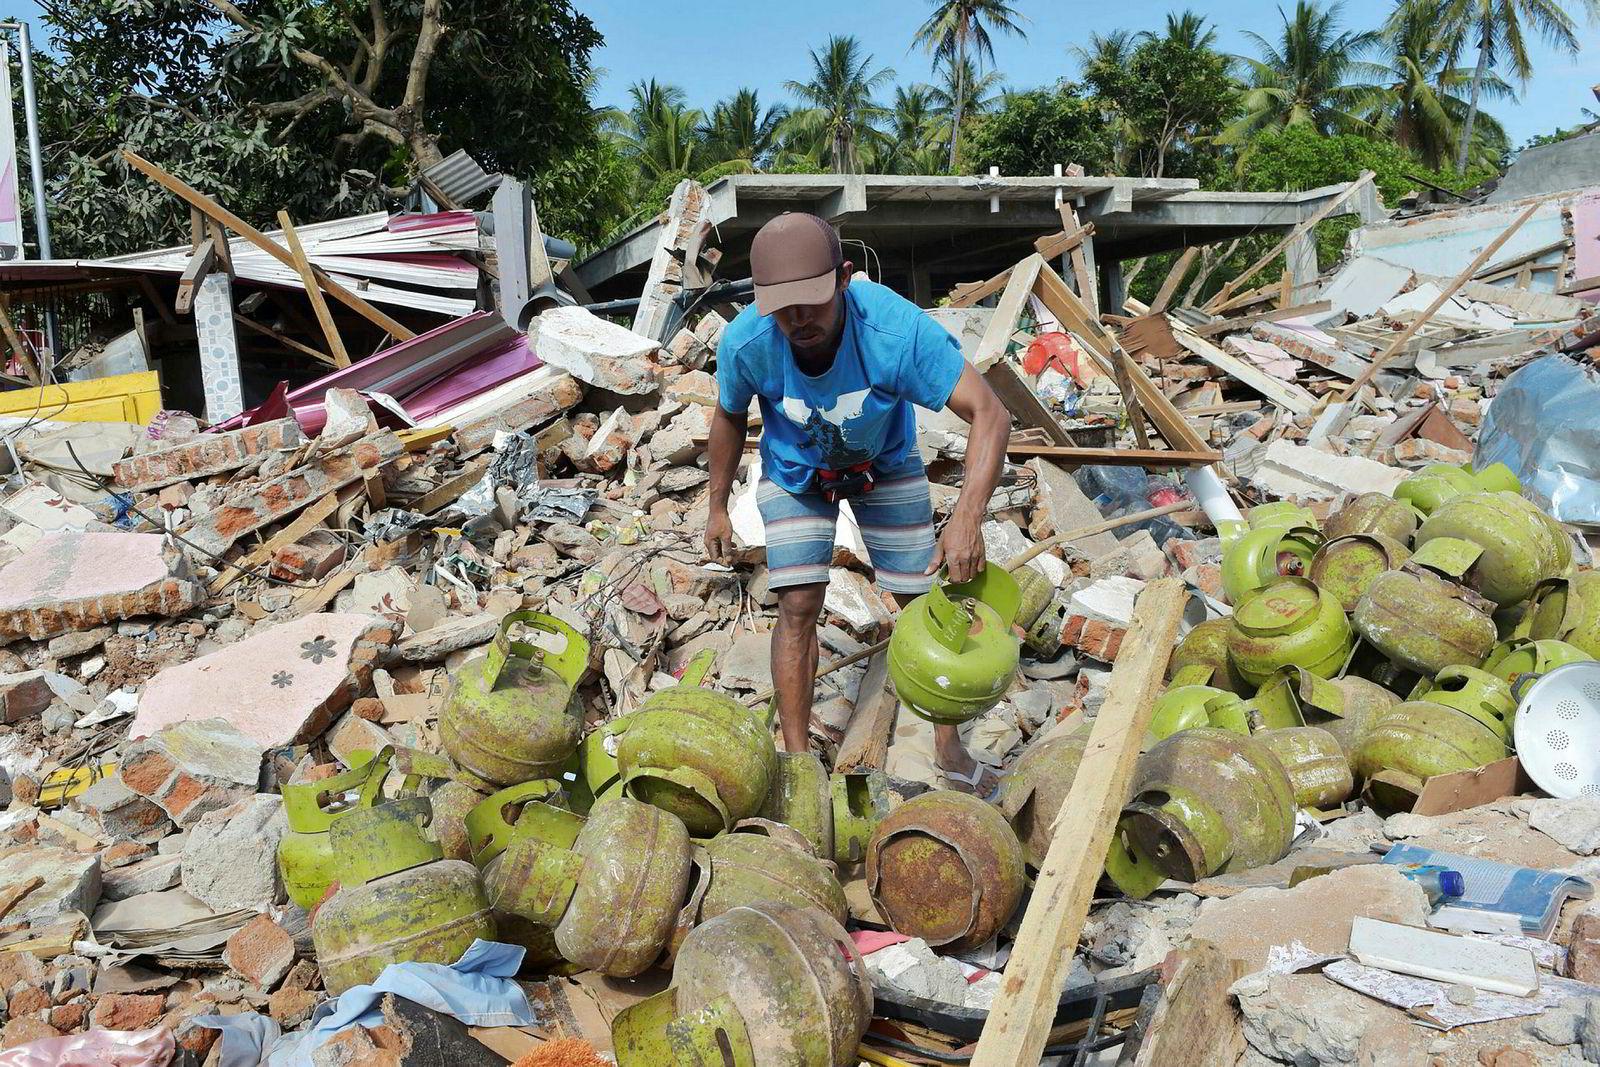 En mann henter beholdere med gass til matlaging fra ruinene til svigerbroren sin i Pemenang i Indonesia. Dødstallet fra et jordskjelv med en styrke på 6.9 er fremdeles usikkert. Ulike etater oppgir tall mellom 200 og 400.